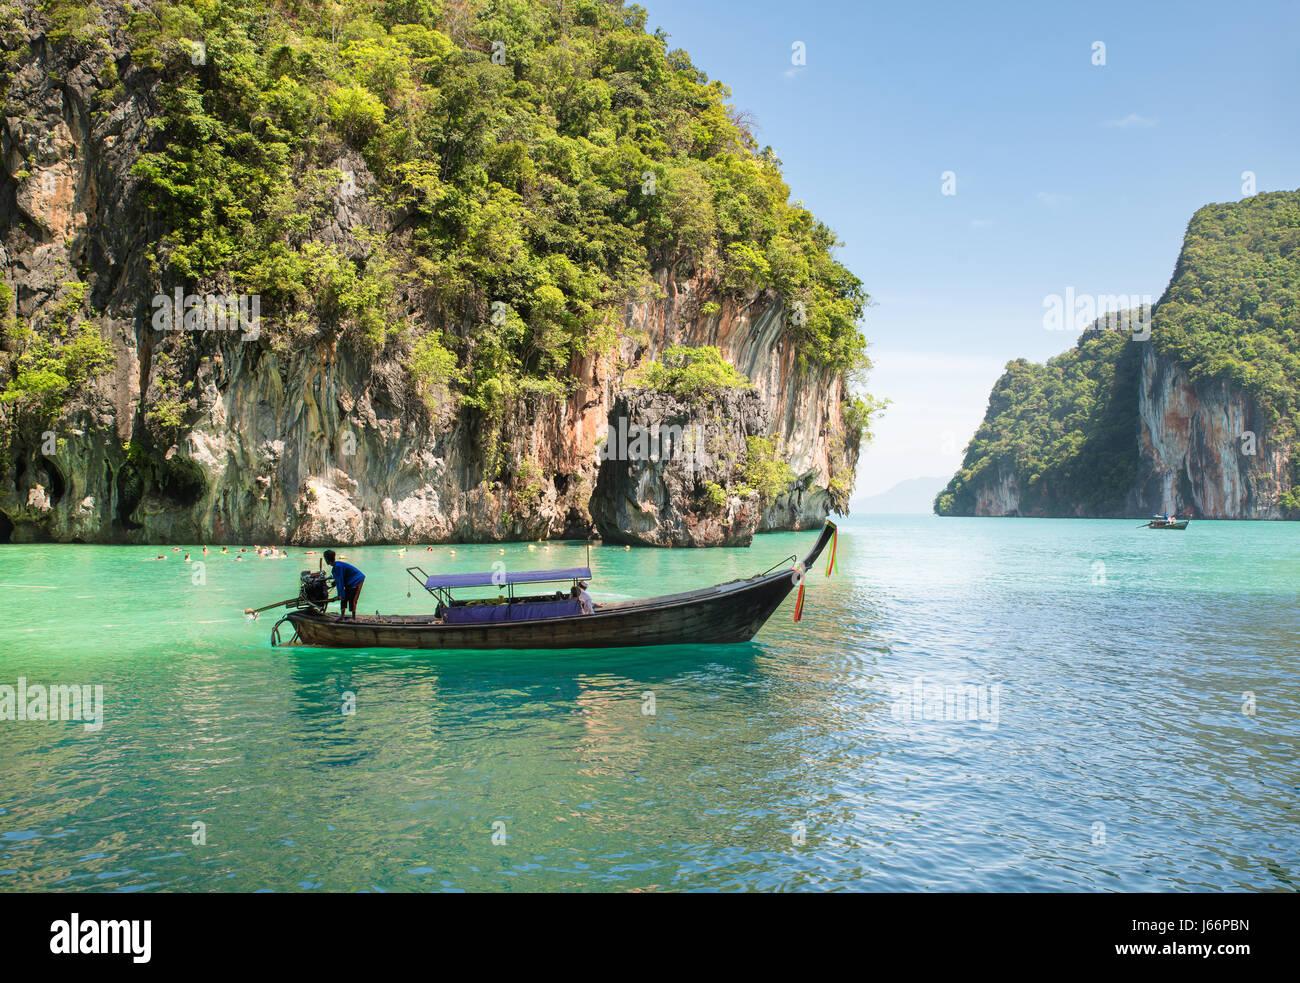 Magnifique paysage de montagne des roches et une mer cristalline avec bateau longtail à Phuket, Thailande. L'été, voyage, vacances, Maison de vacances concept. Banque D'Images